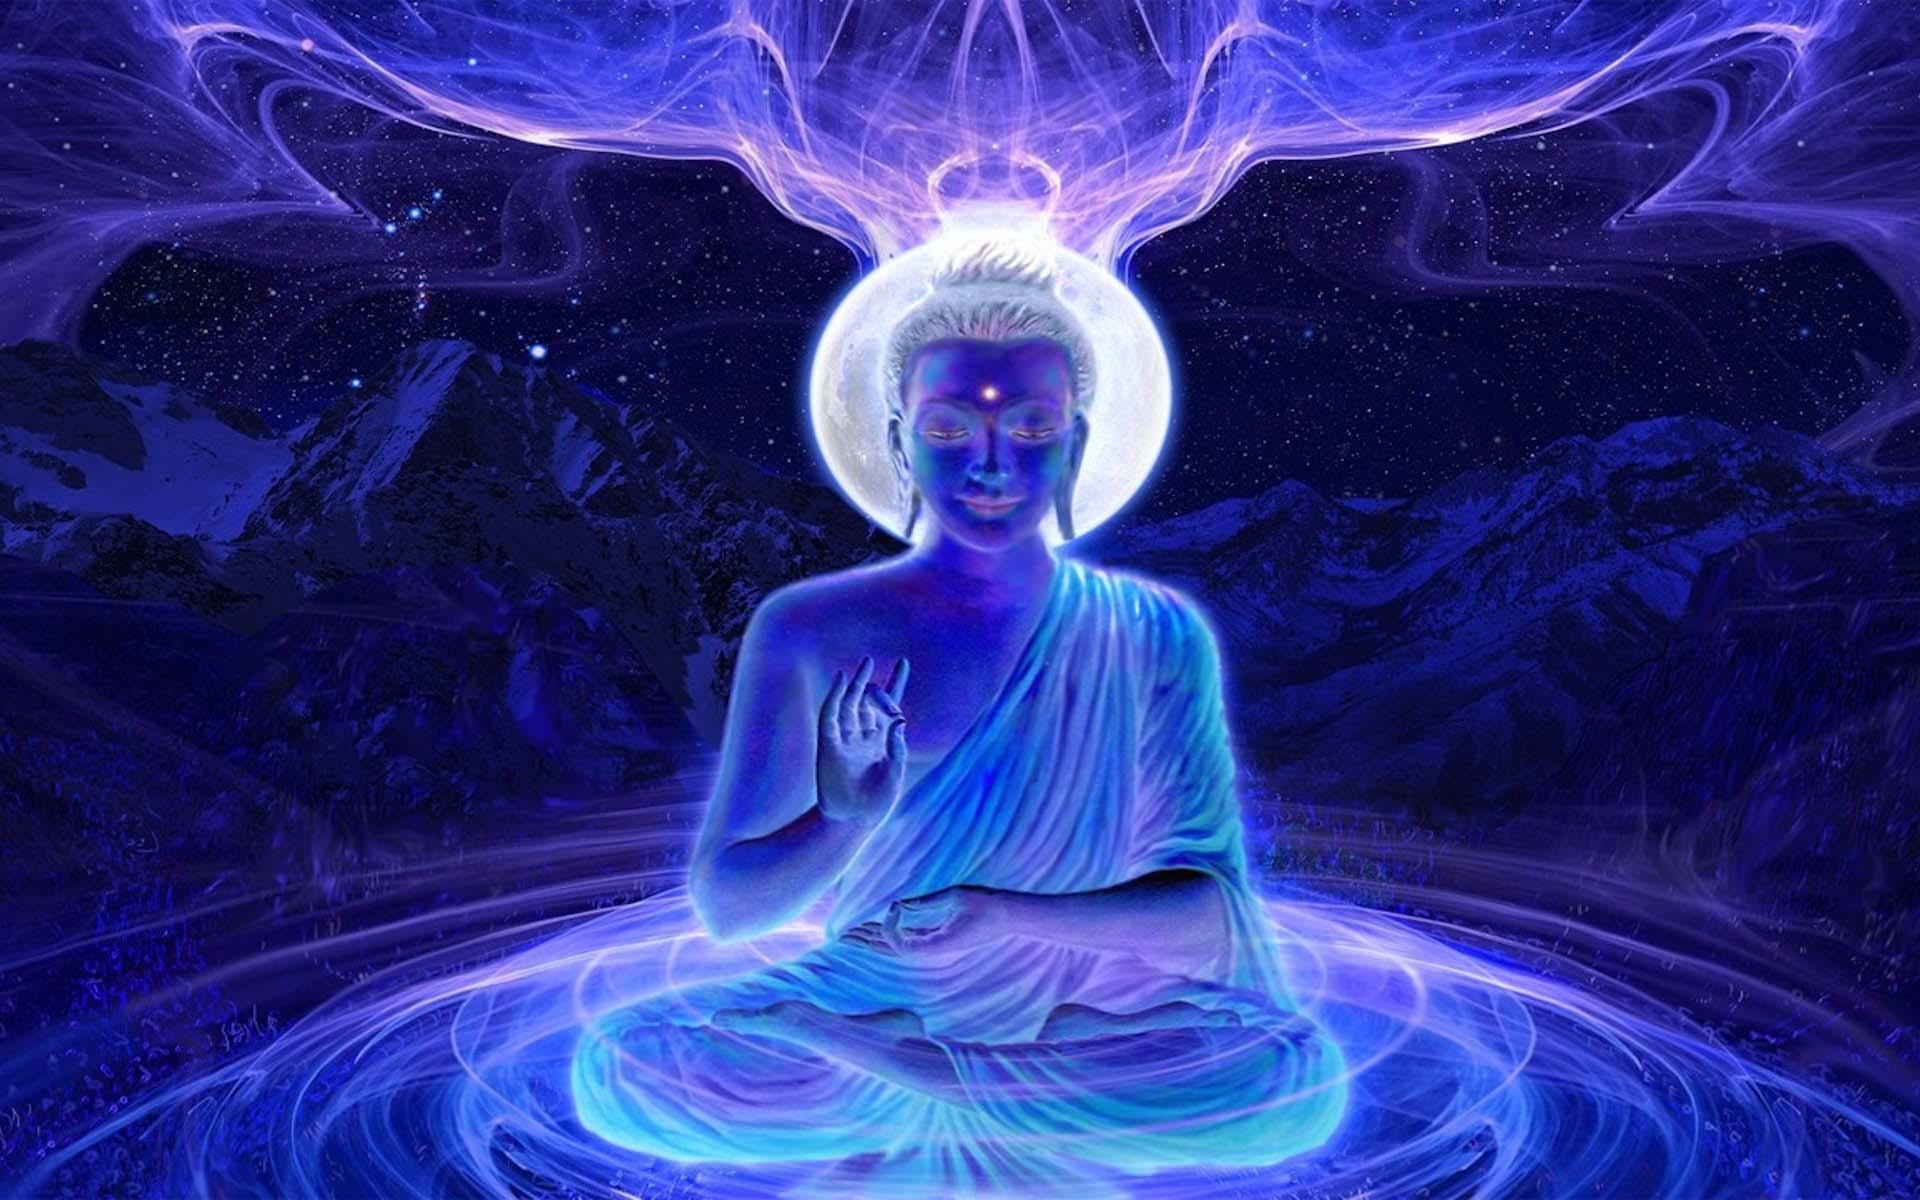 Практики раскрытия сахасрара чакры